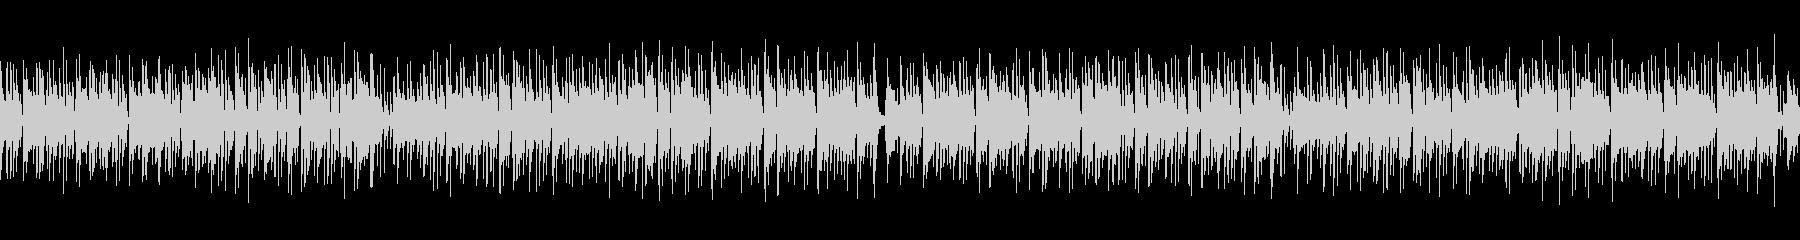 【メロなし・ループ】ギター生演奏ボサノバの未再生の波形